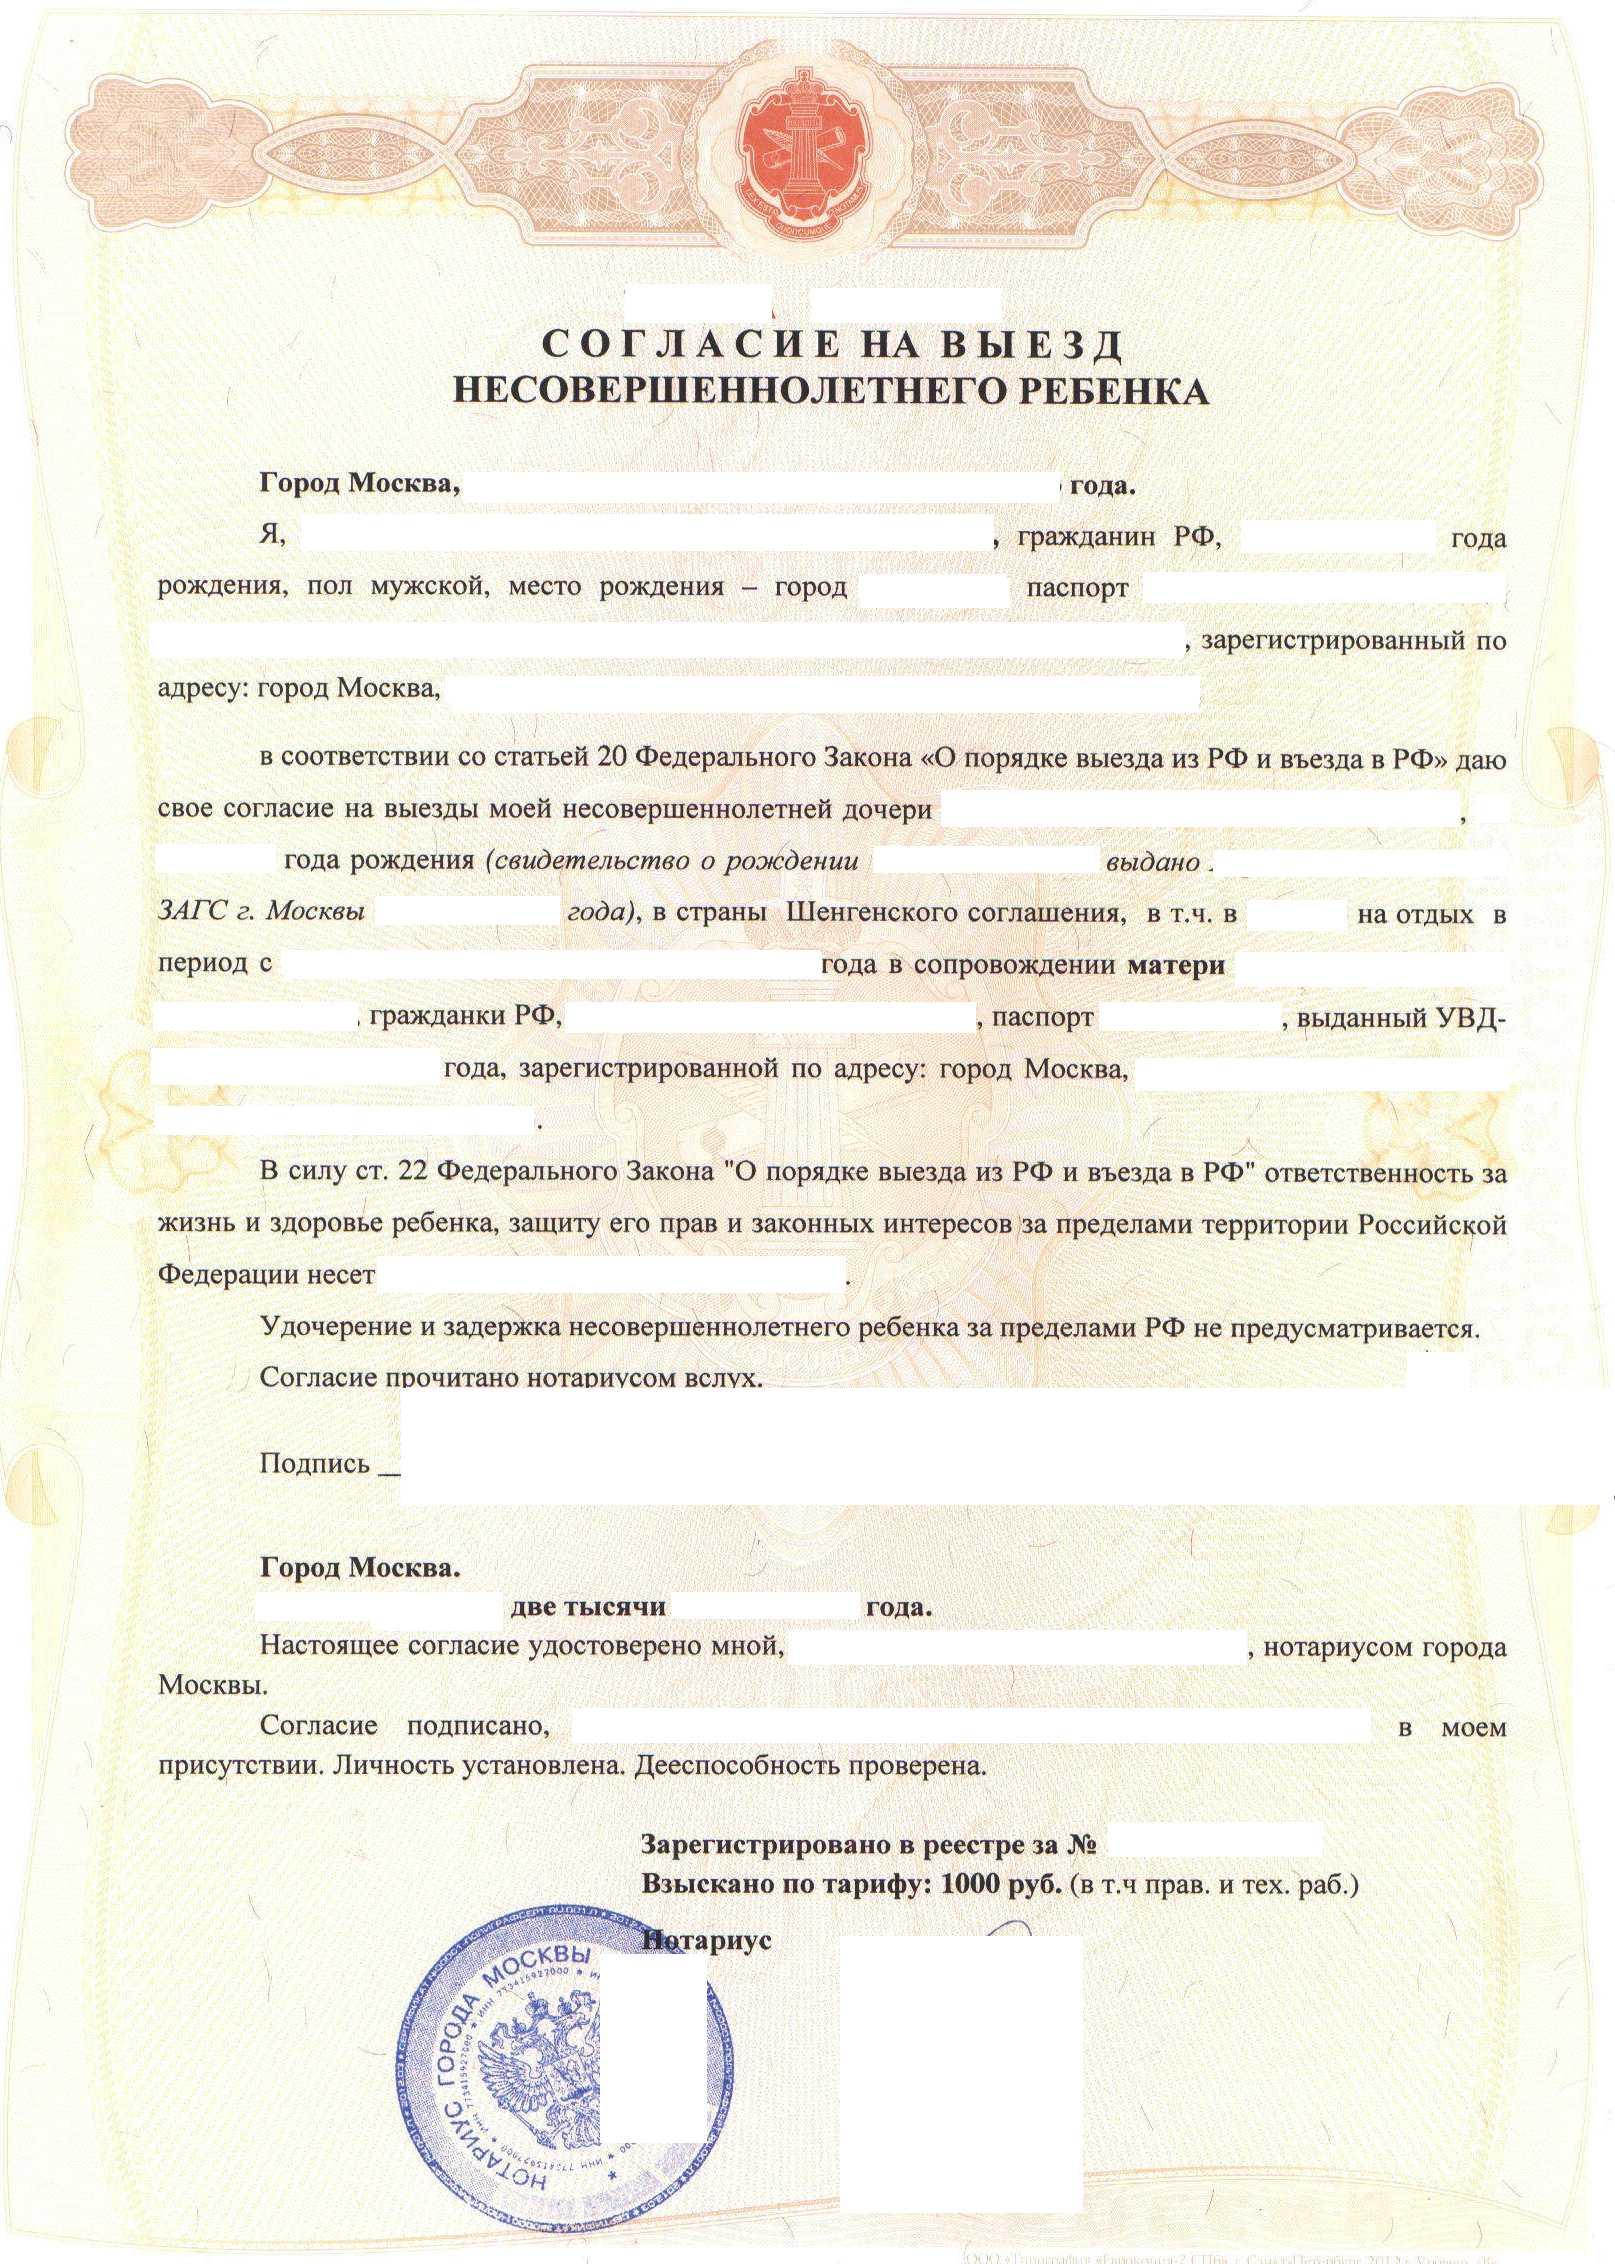 Виза в Китай для граждан Казахстана: оформление, стоимость